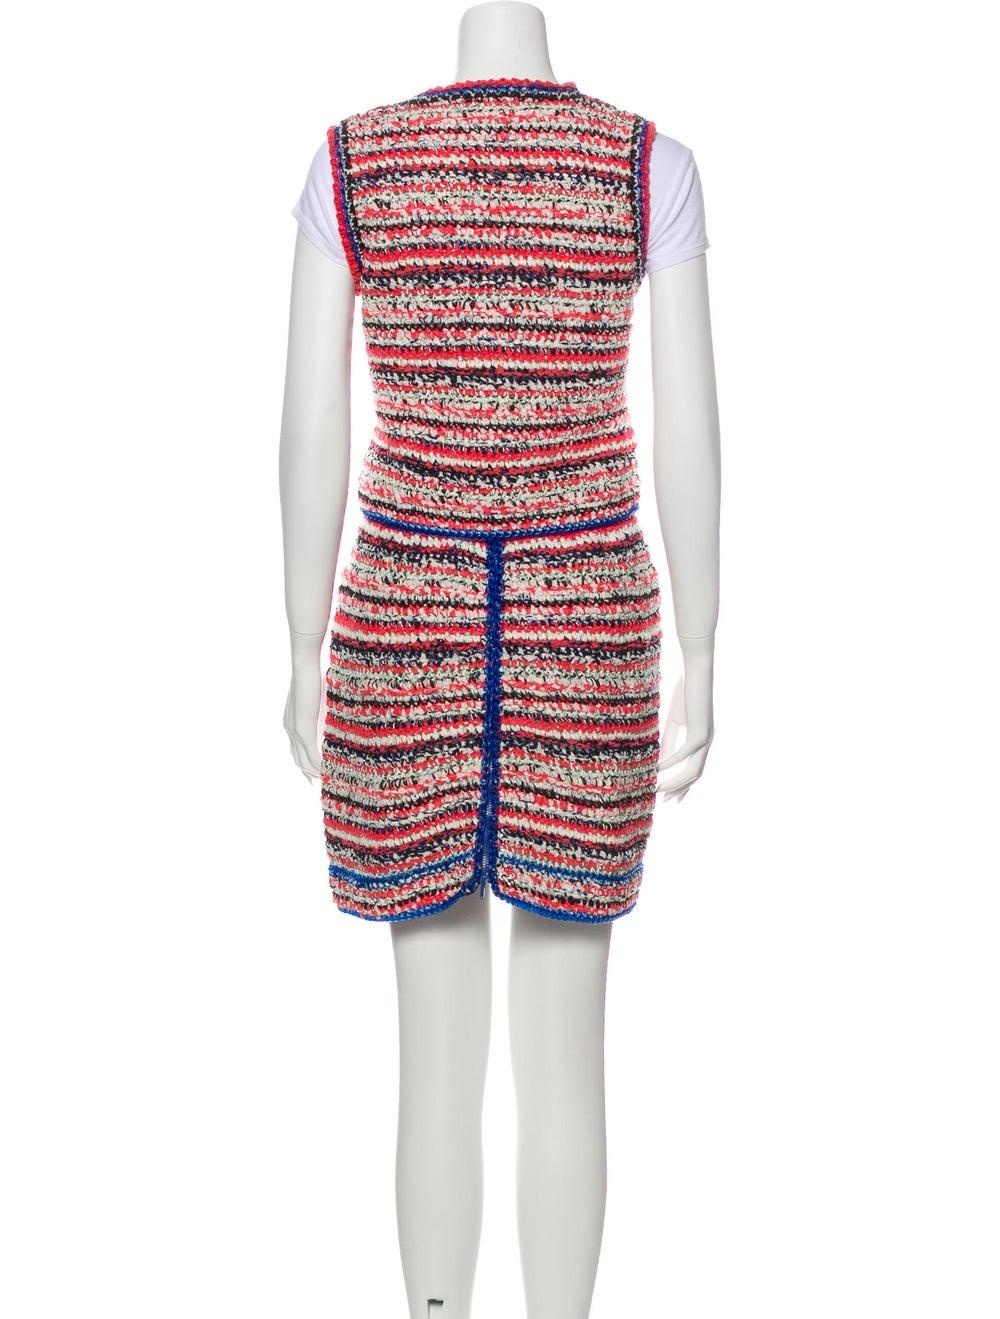 Chanel 2017 Tweed Pattern Skirt Set Pink - image 3